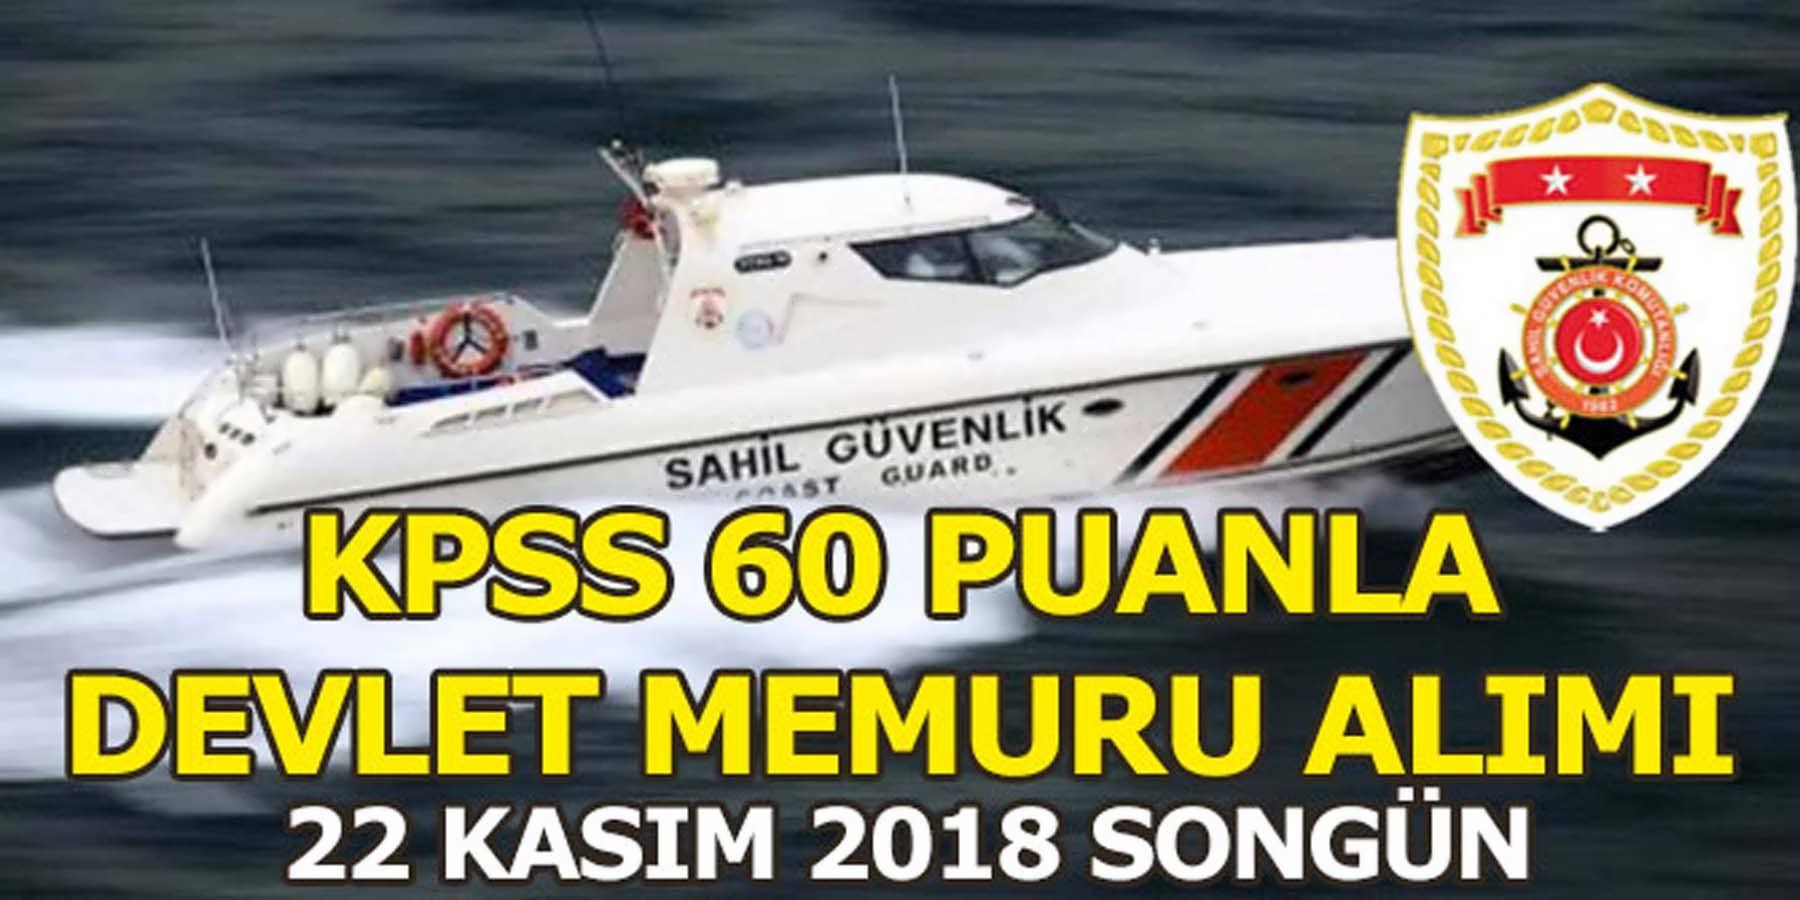 Sahil Güvenlik Komutanlığına KPSS 60 Puanla 10 Devlet Memuru Alımı